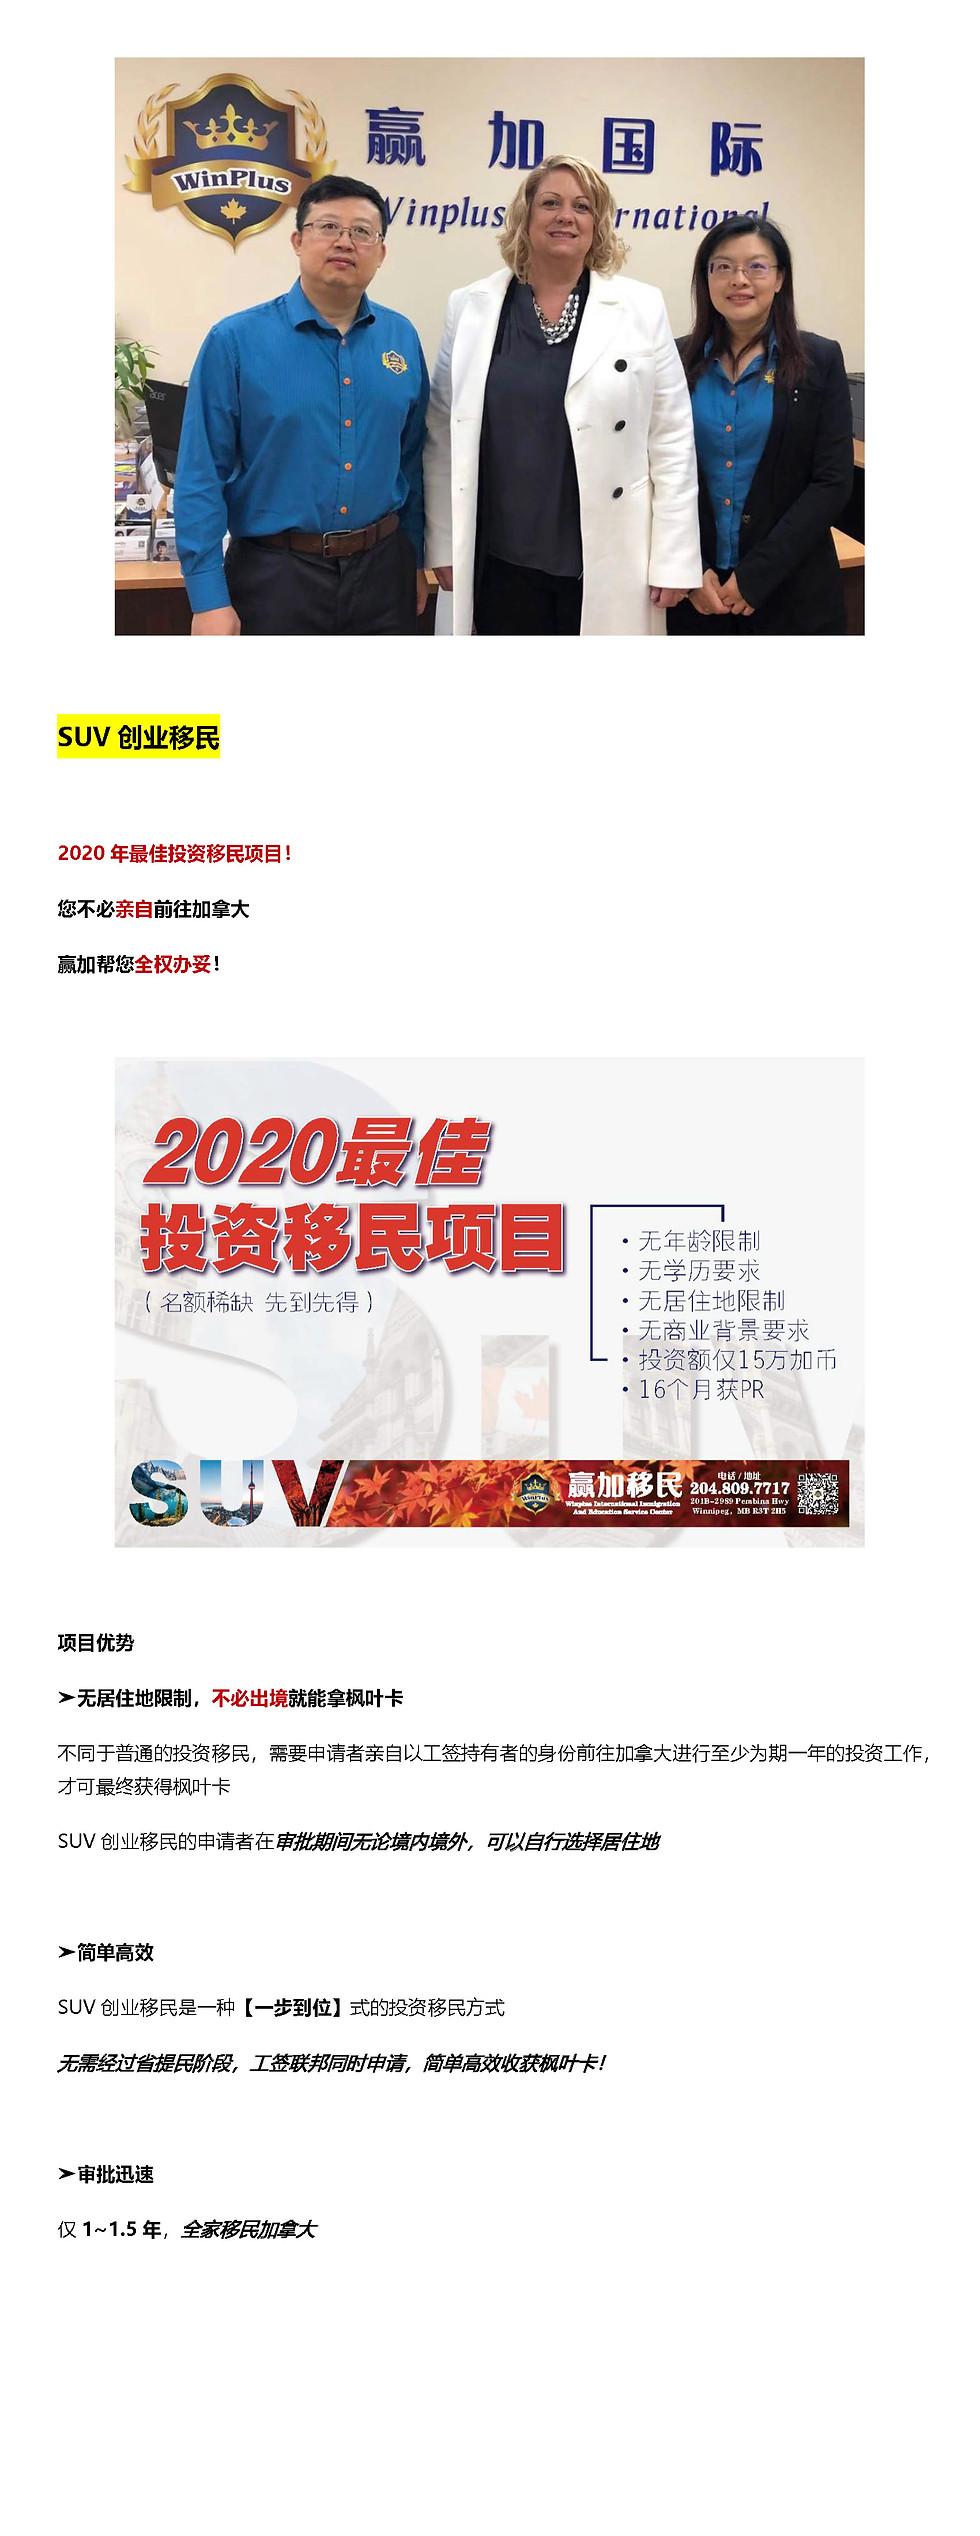 20200323 温尼伯站推文_Page_3.jpg